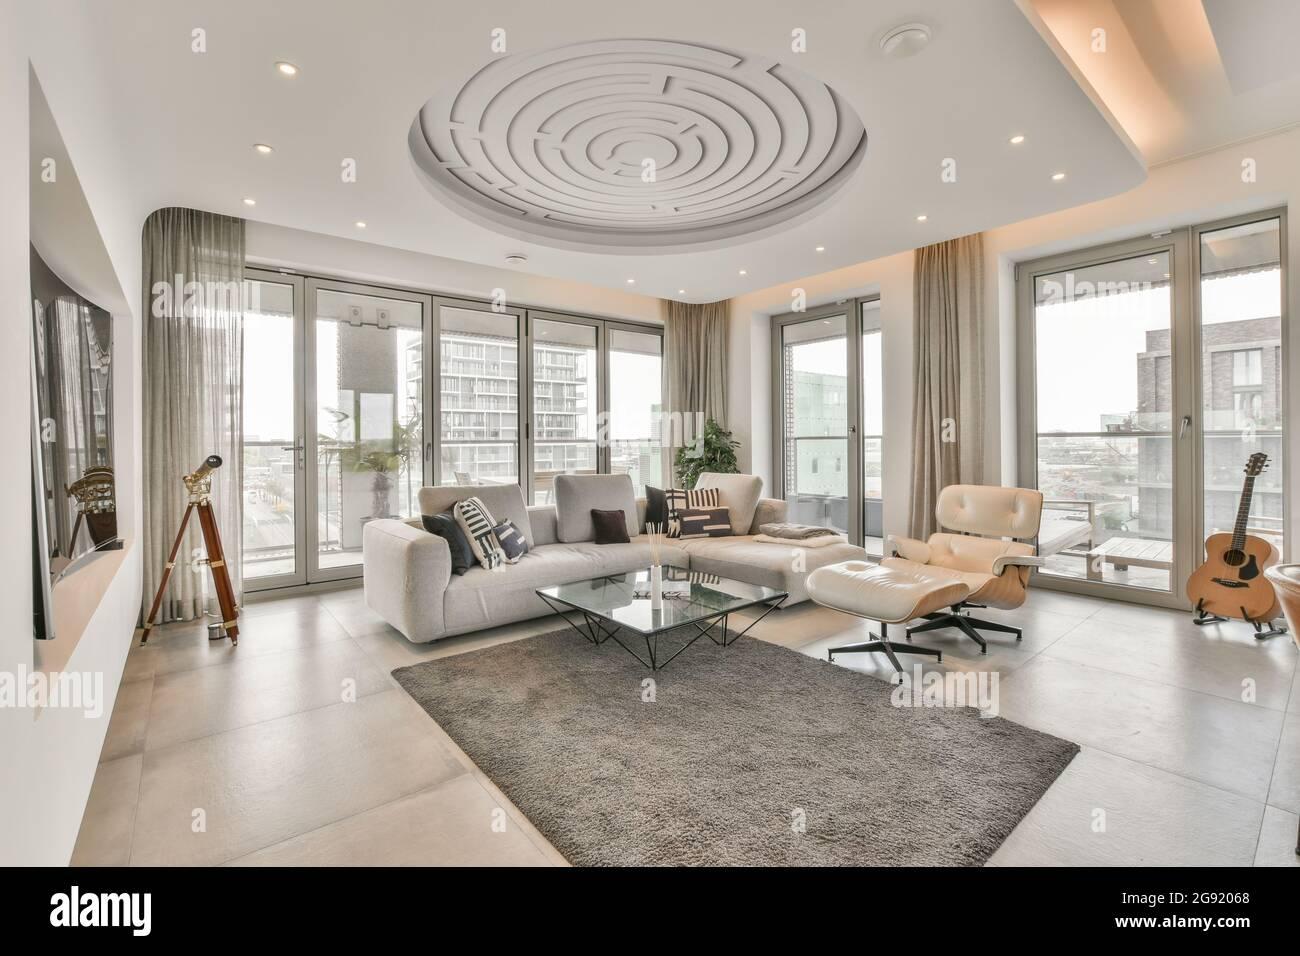 Luxus und schöne Wohnzimmer Innenarchitektur Stockfotografie   Alamy